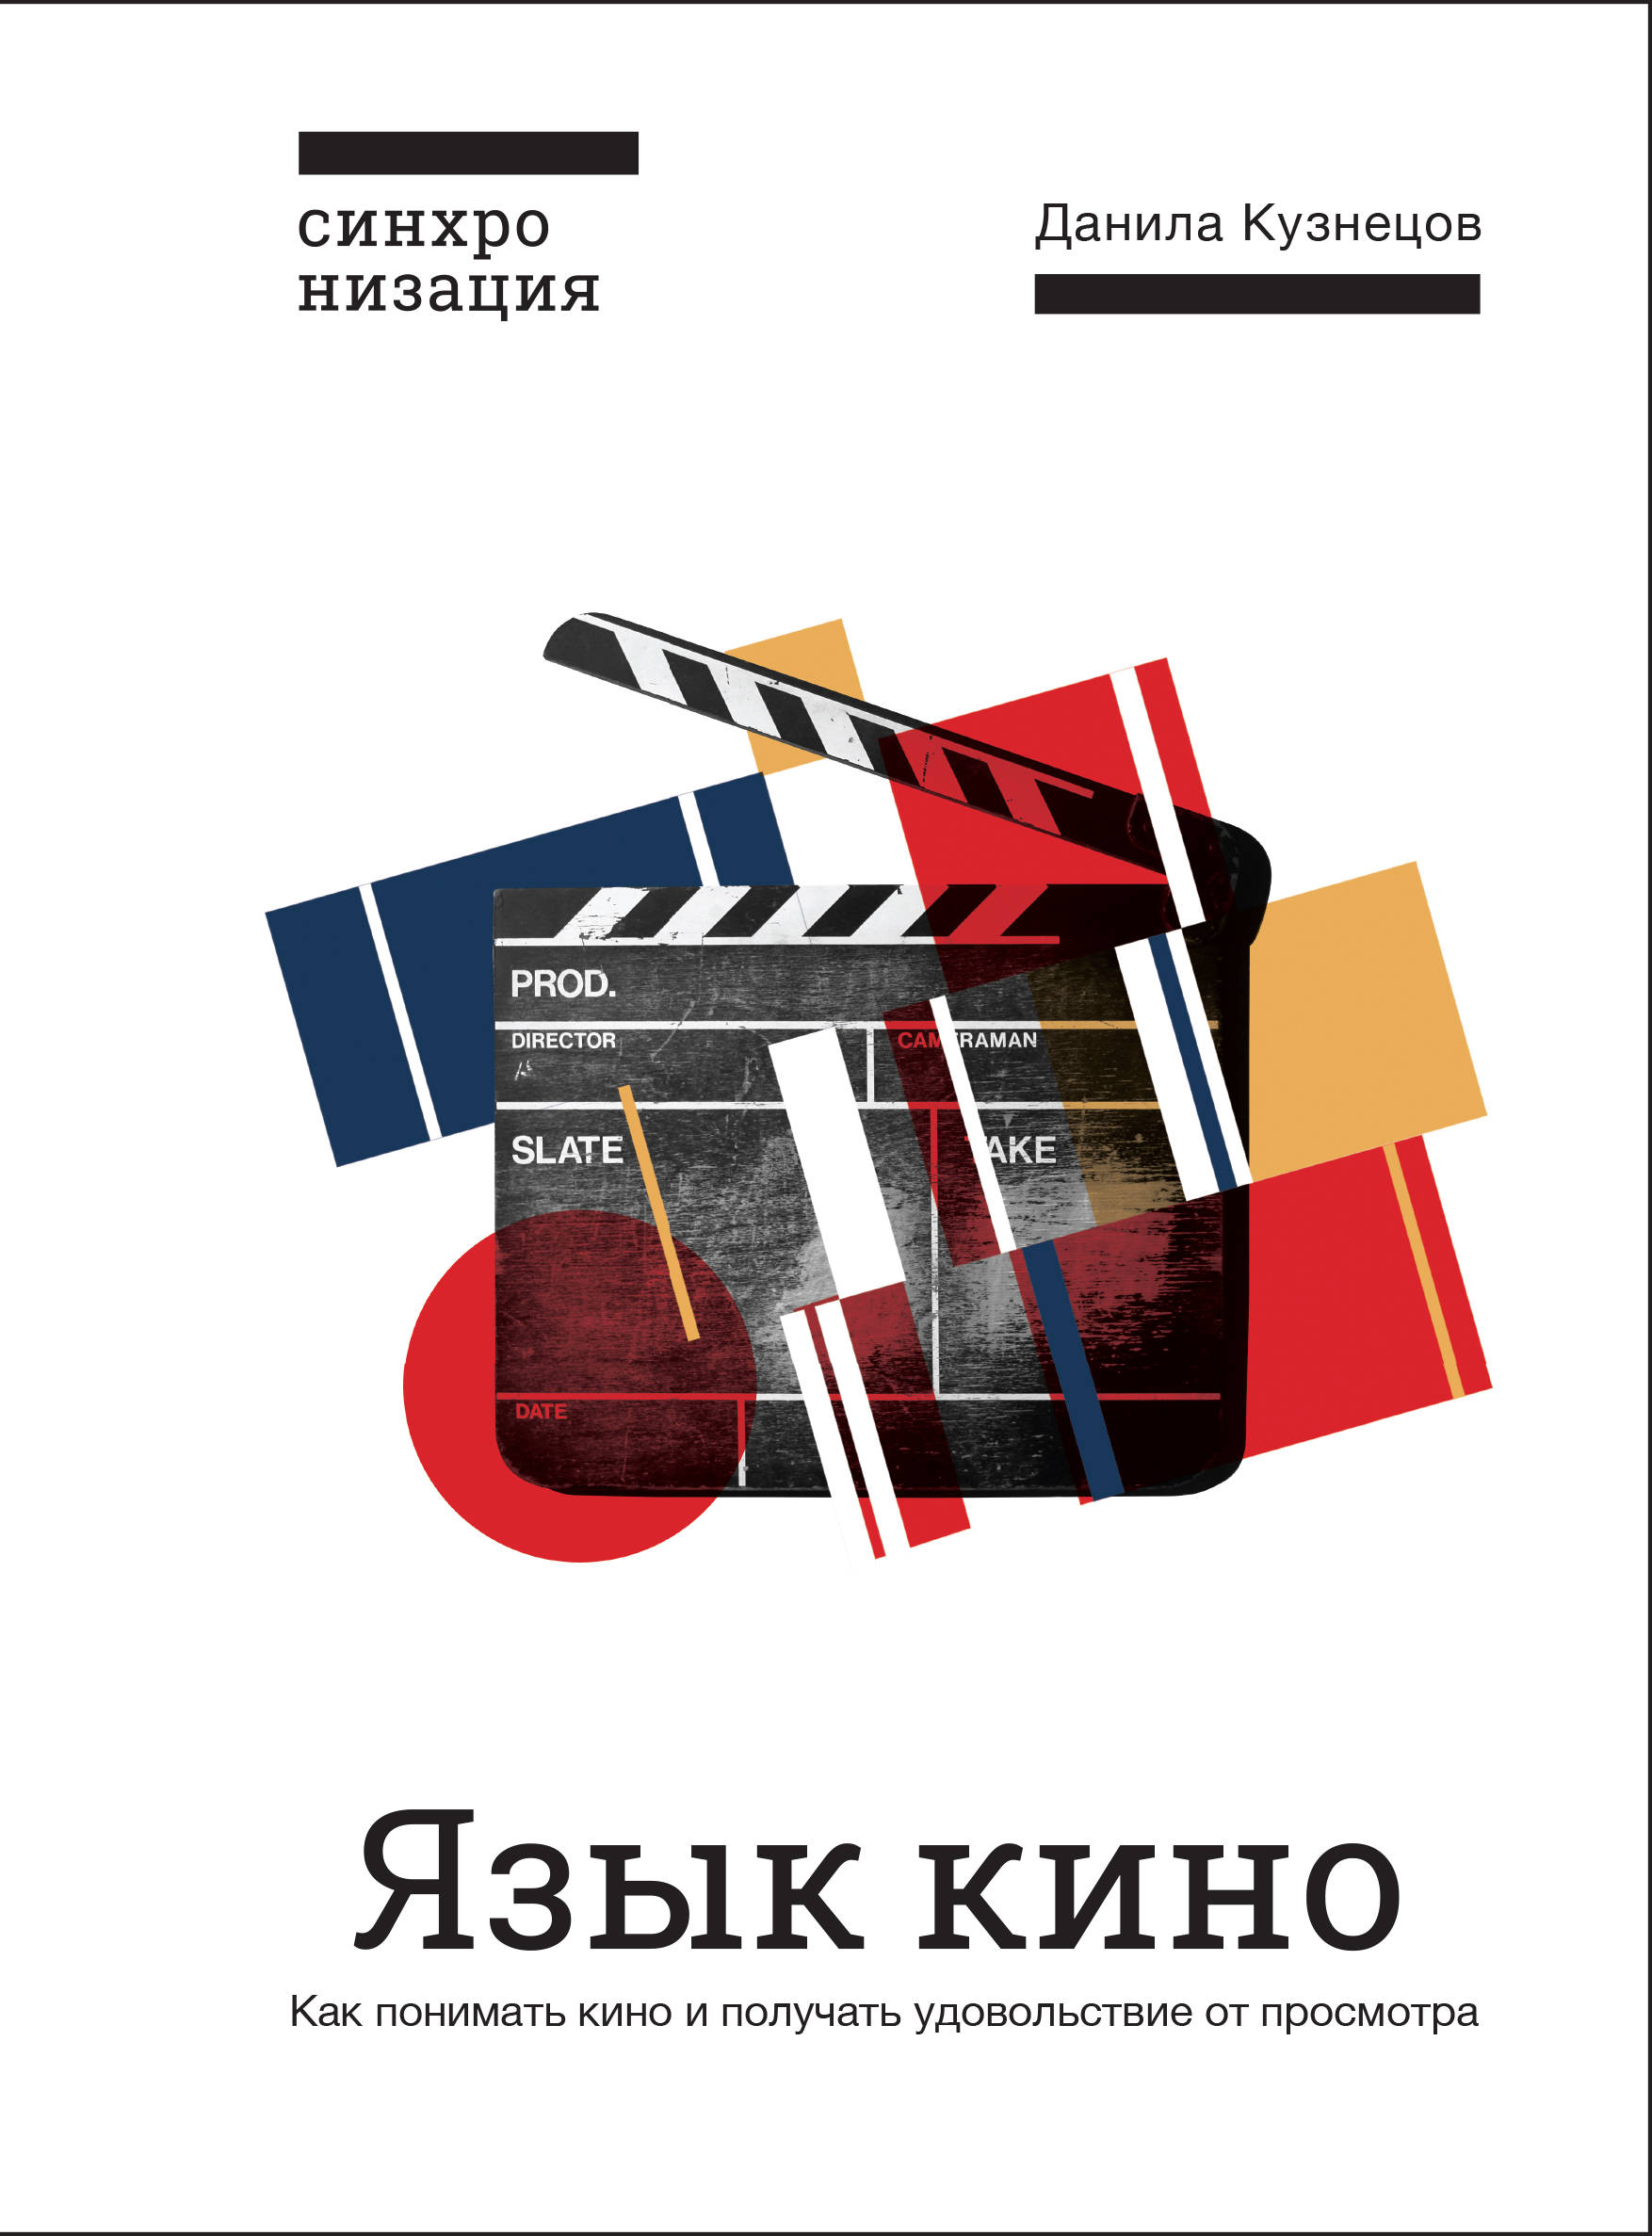 Jazyk kino. Kak ponimat kino i poluchat udovolstvie ot prosmotra